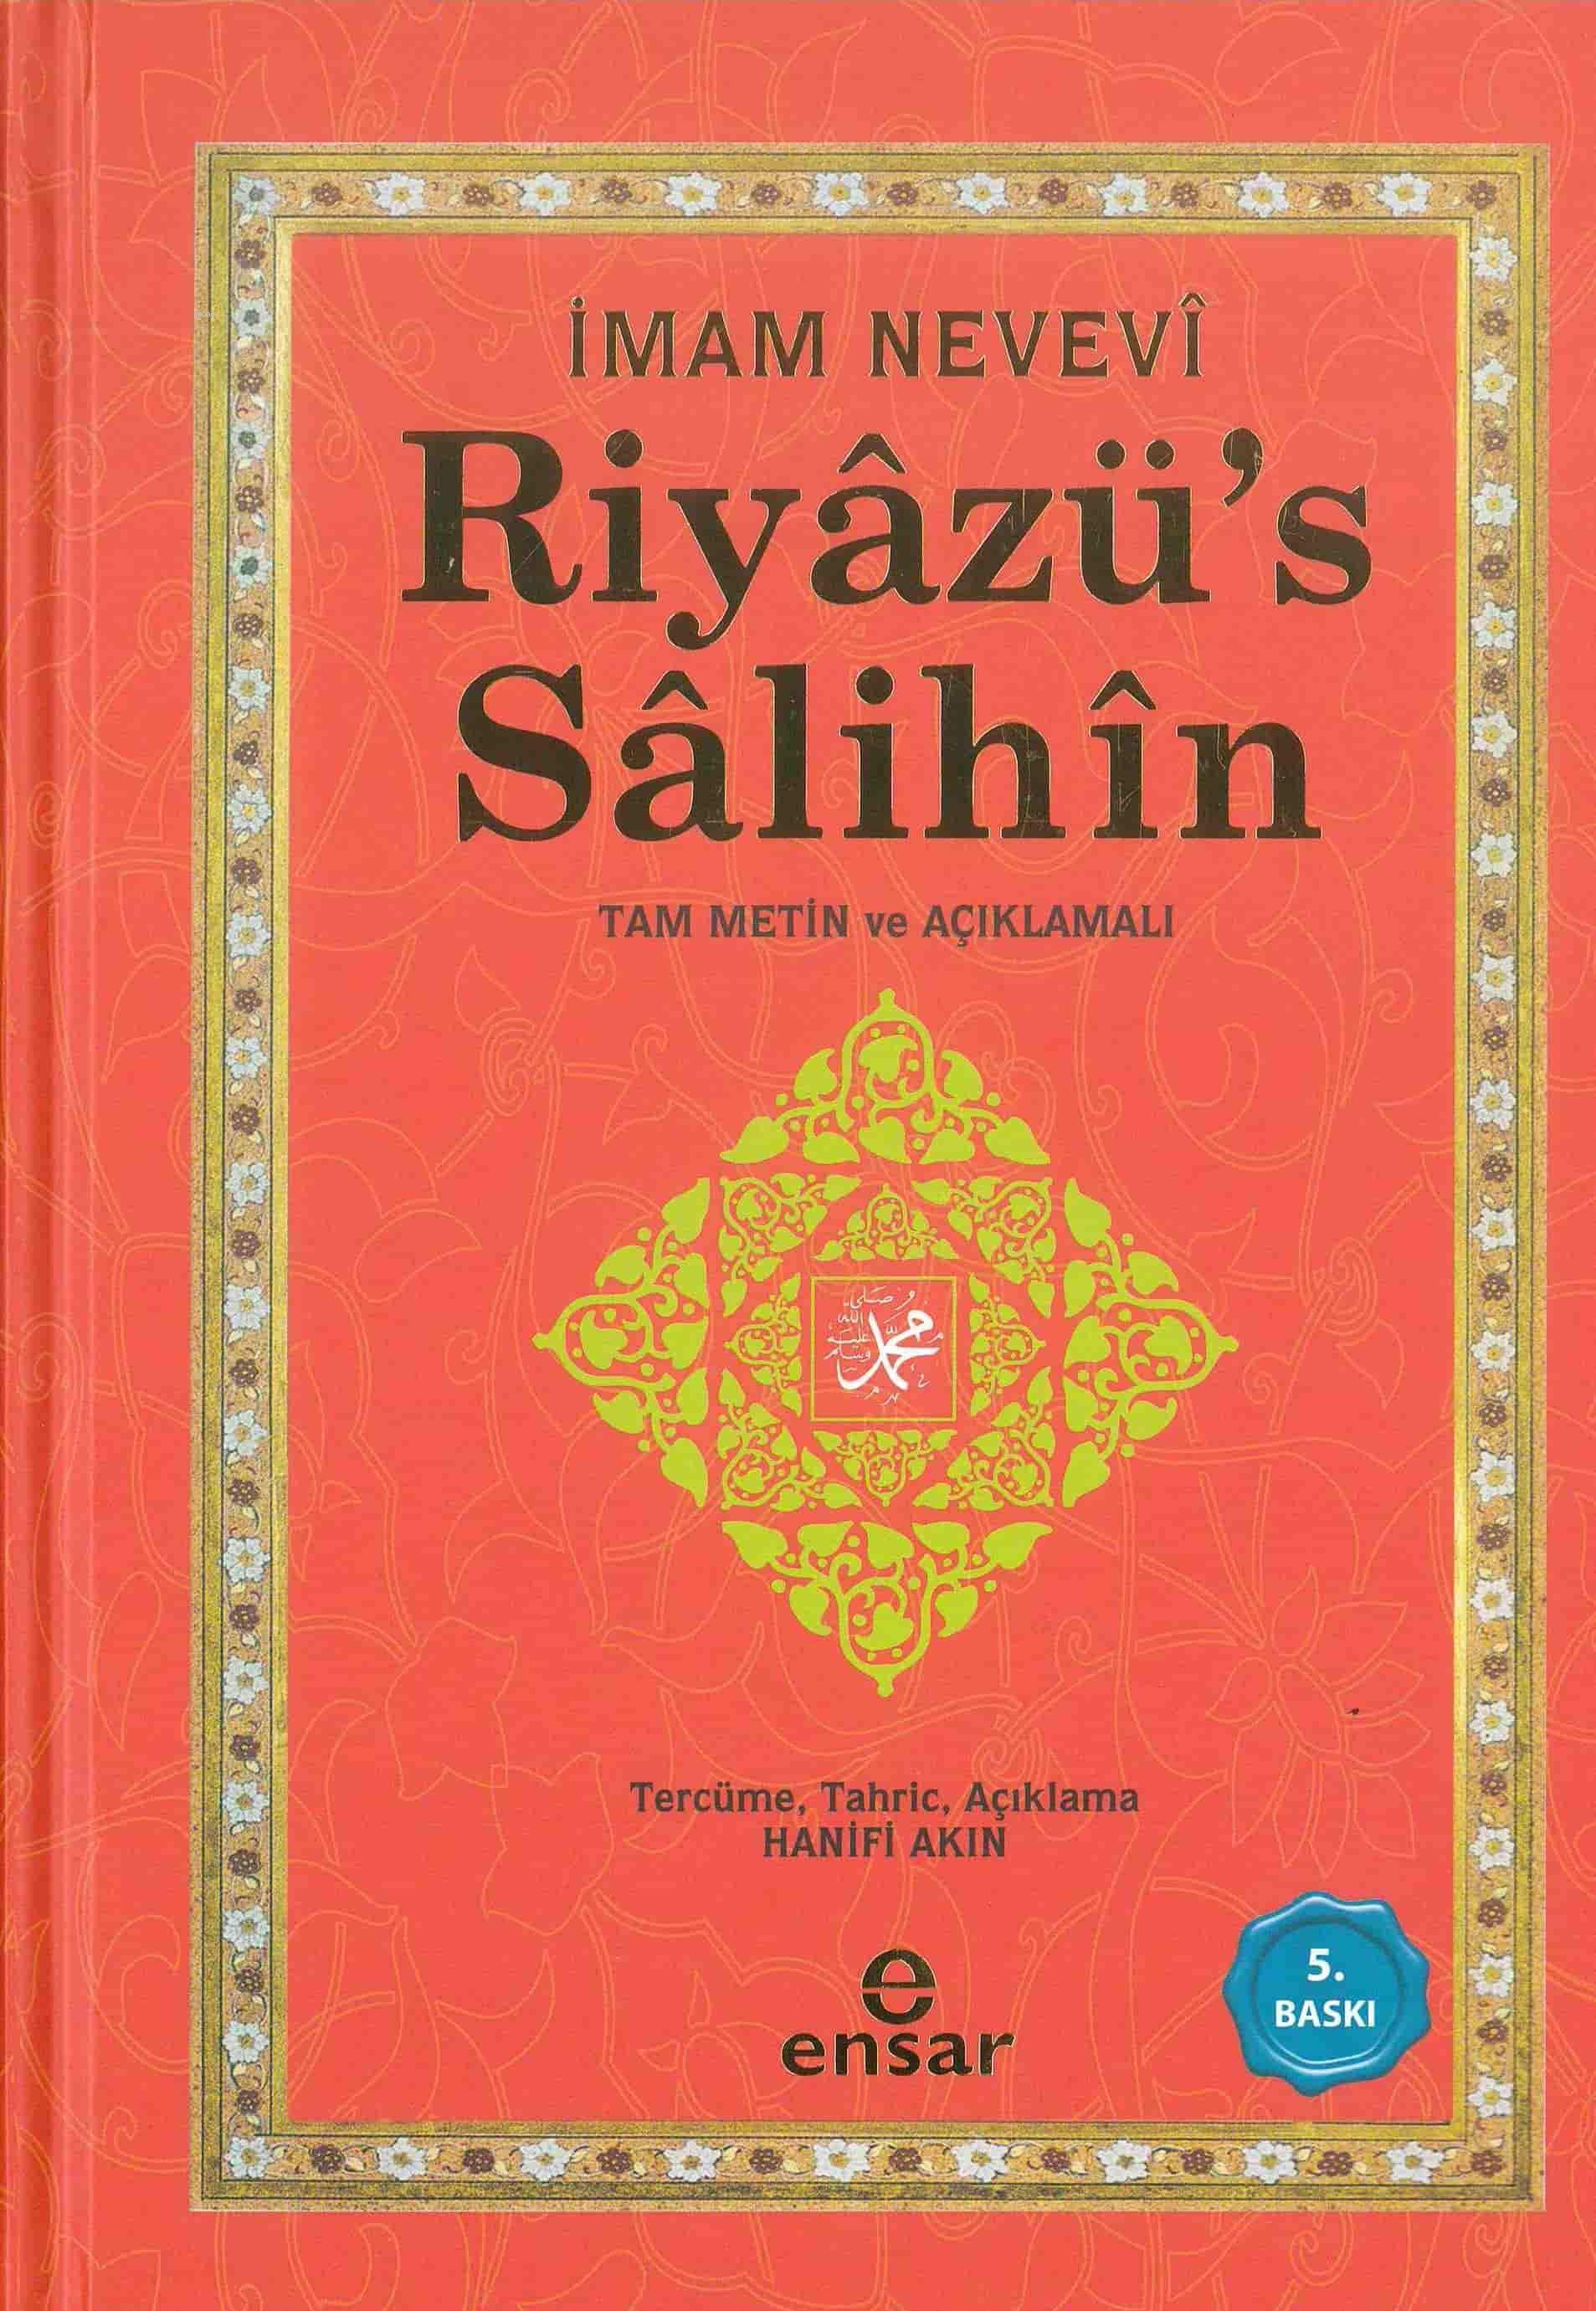 Riyâzü's Sâlihîn; Tam Metin ve Açıklamalı